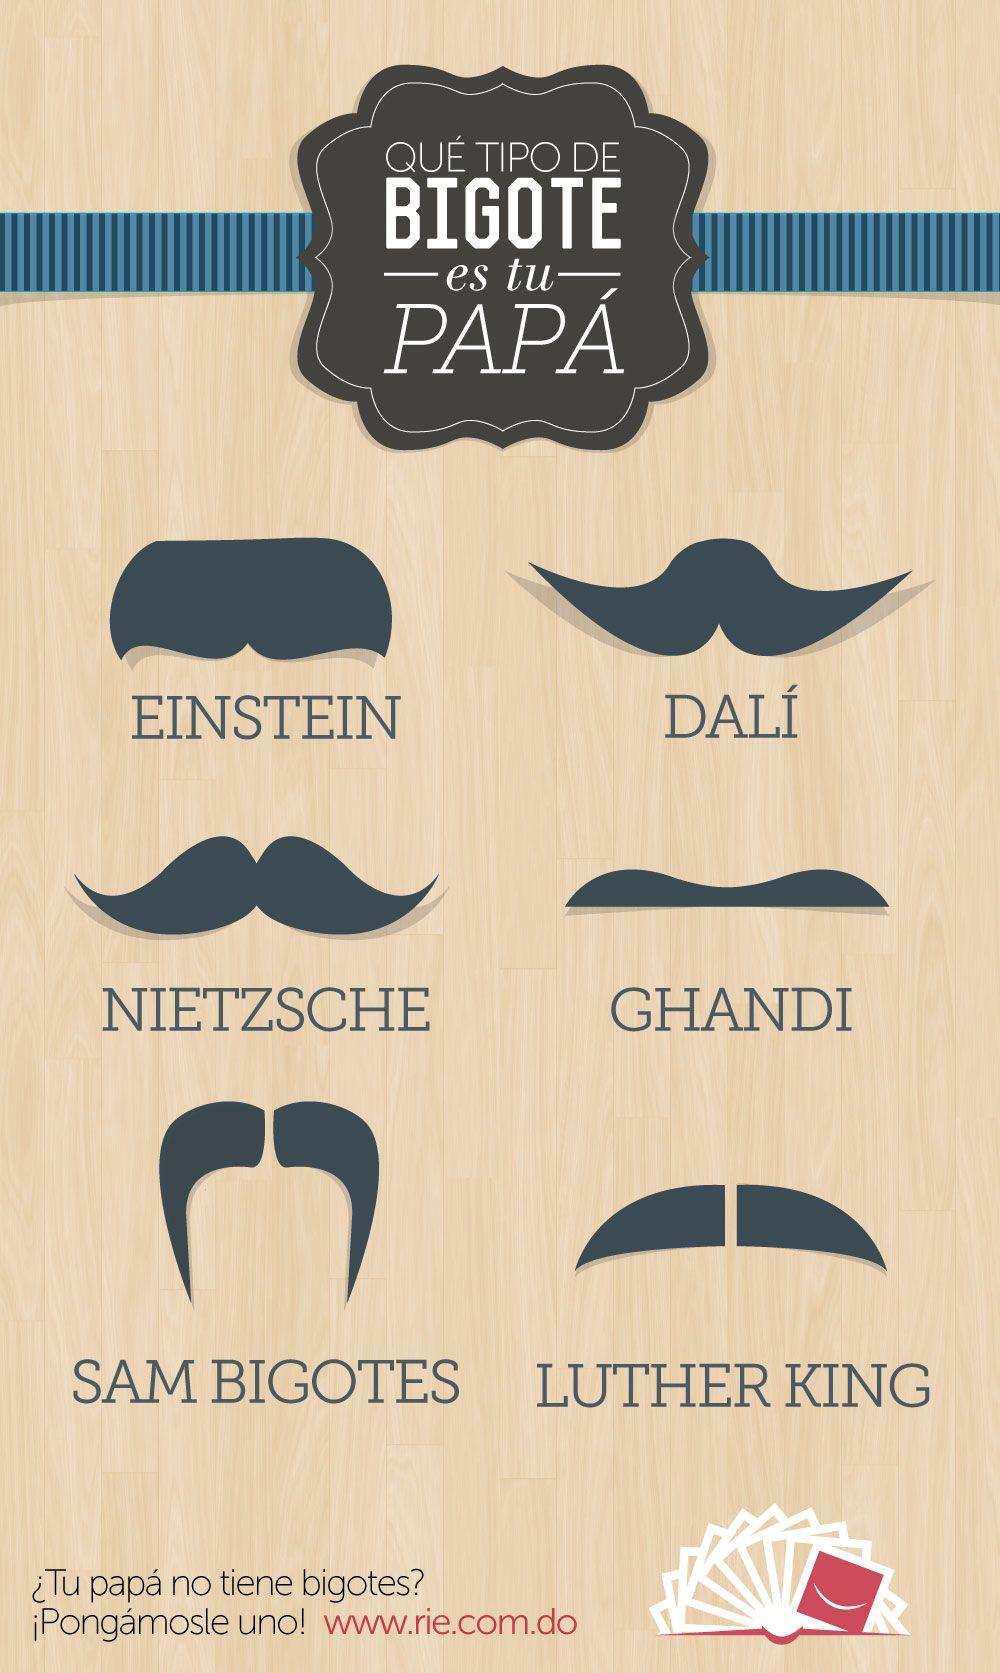 ¿Qué tipo de bigote tiene tu papá?